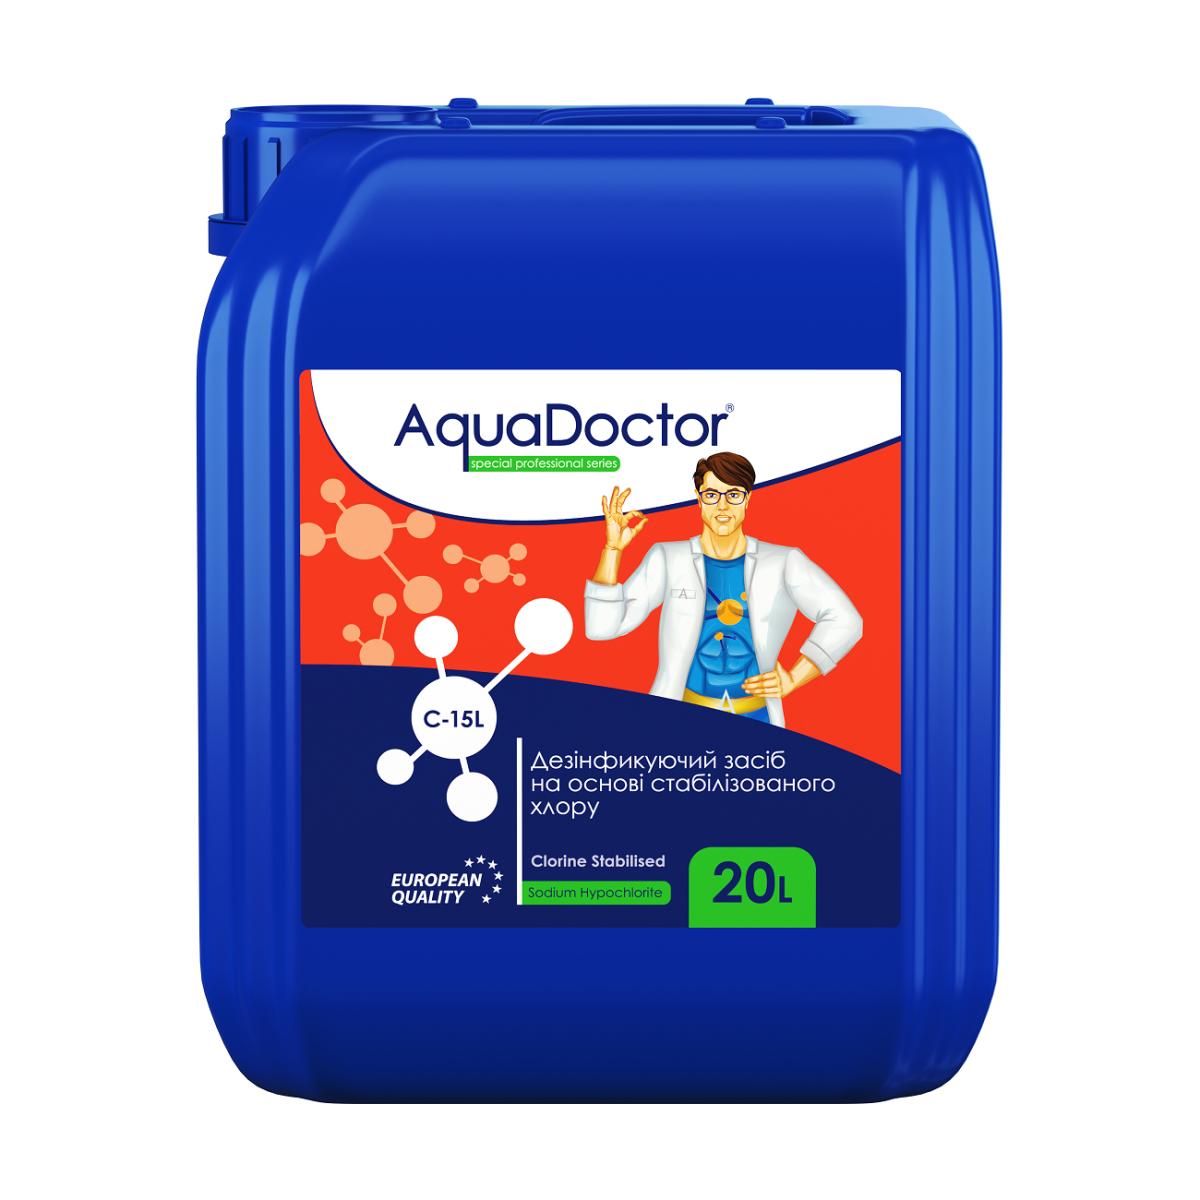 Жидкий хлор. AquaDoctor C-15L 20 л. Дезинфектант жидкий на основе хлора. Химия для бассейнов